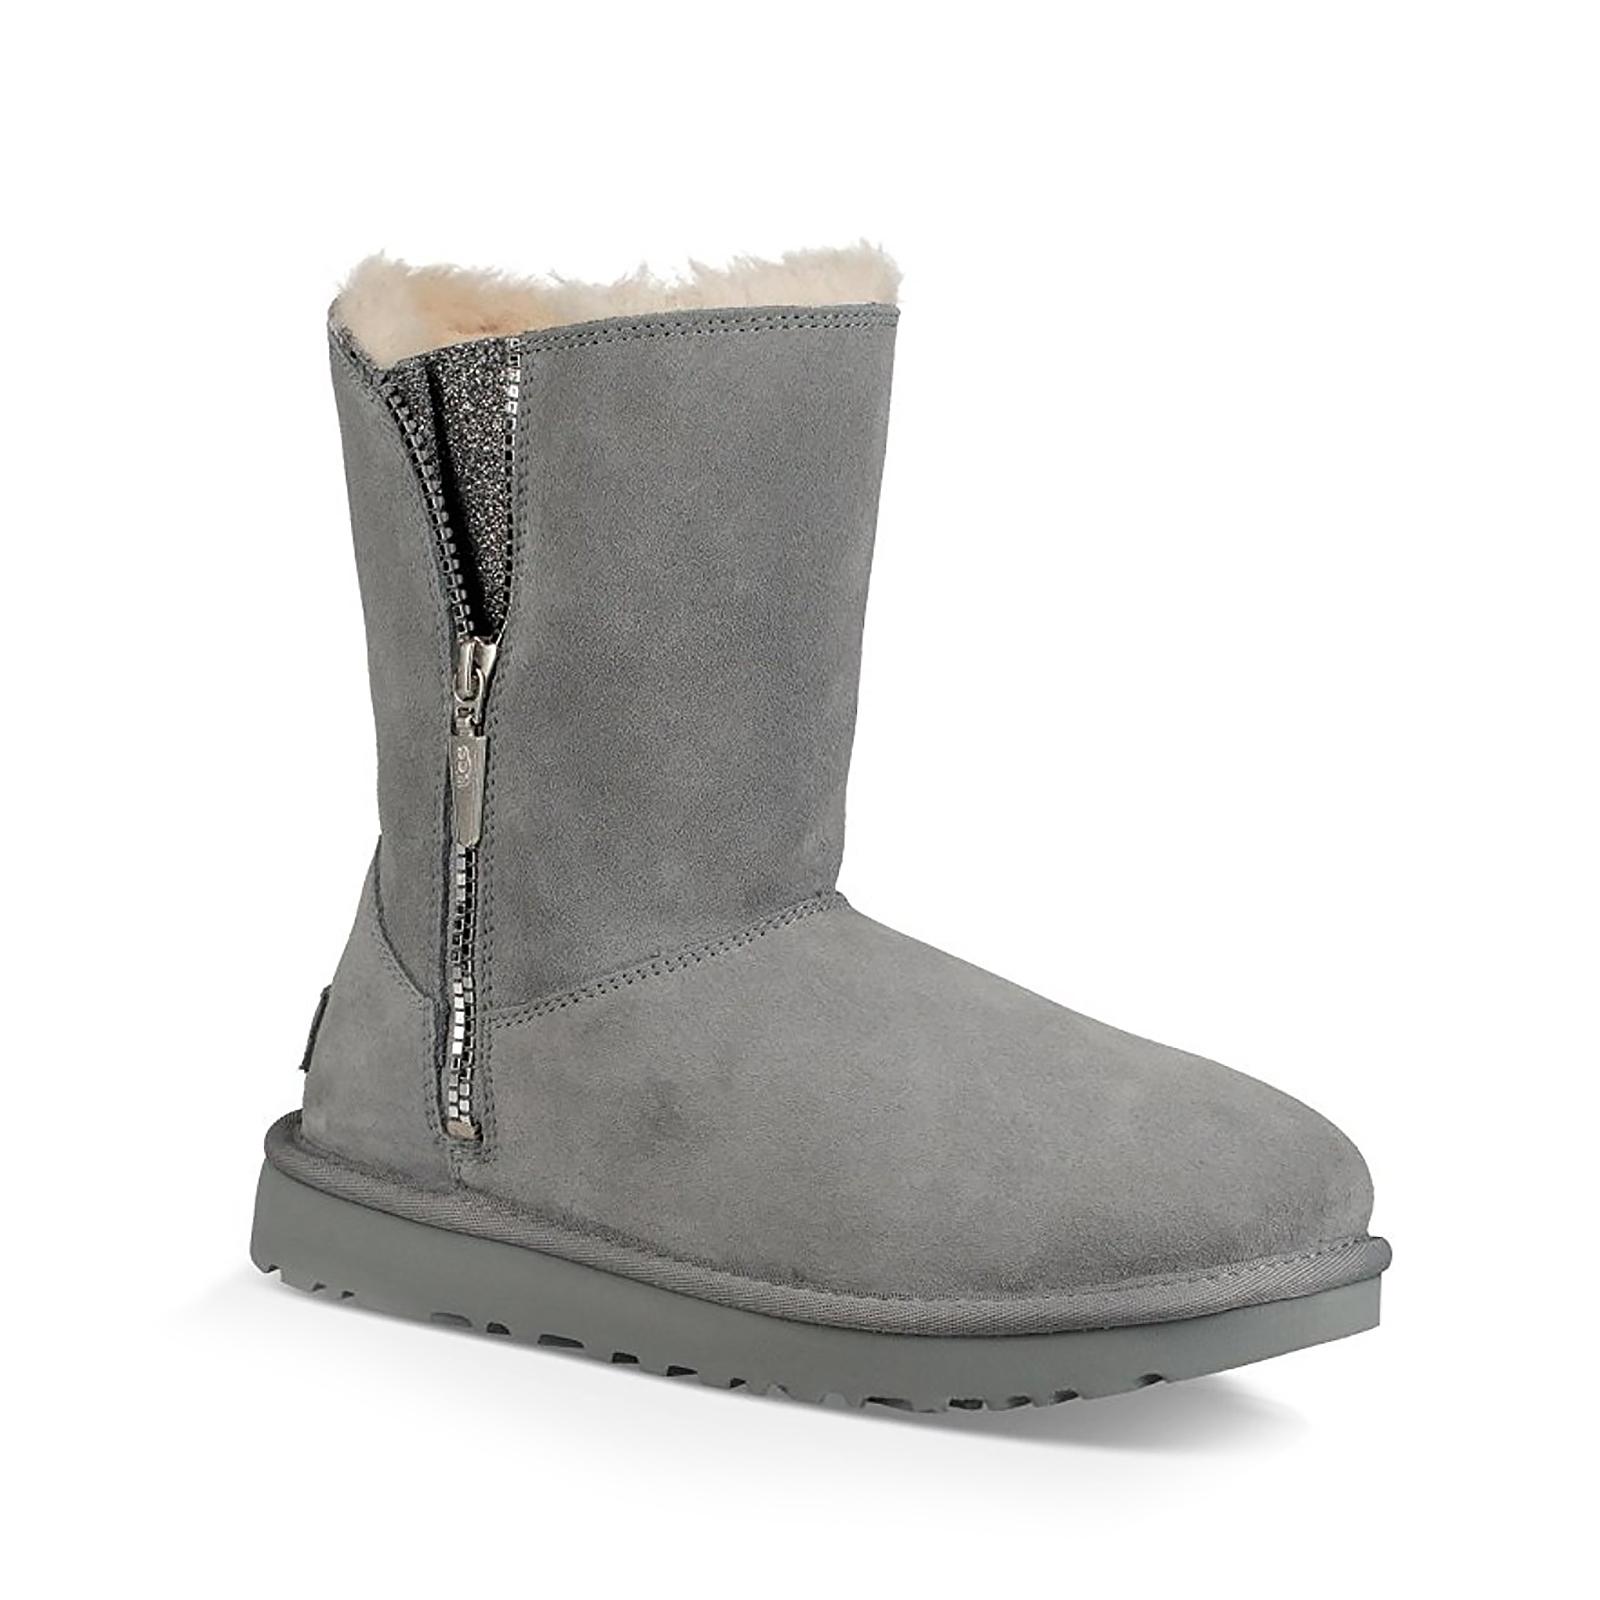 Ugg Boots Marice Geyser Grey